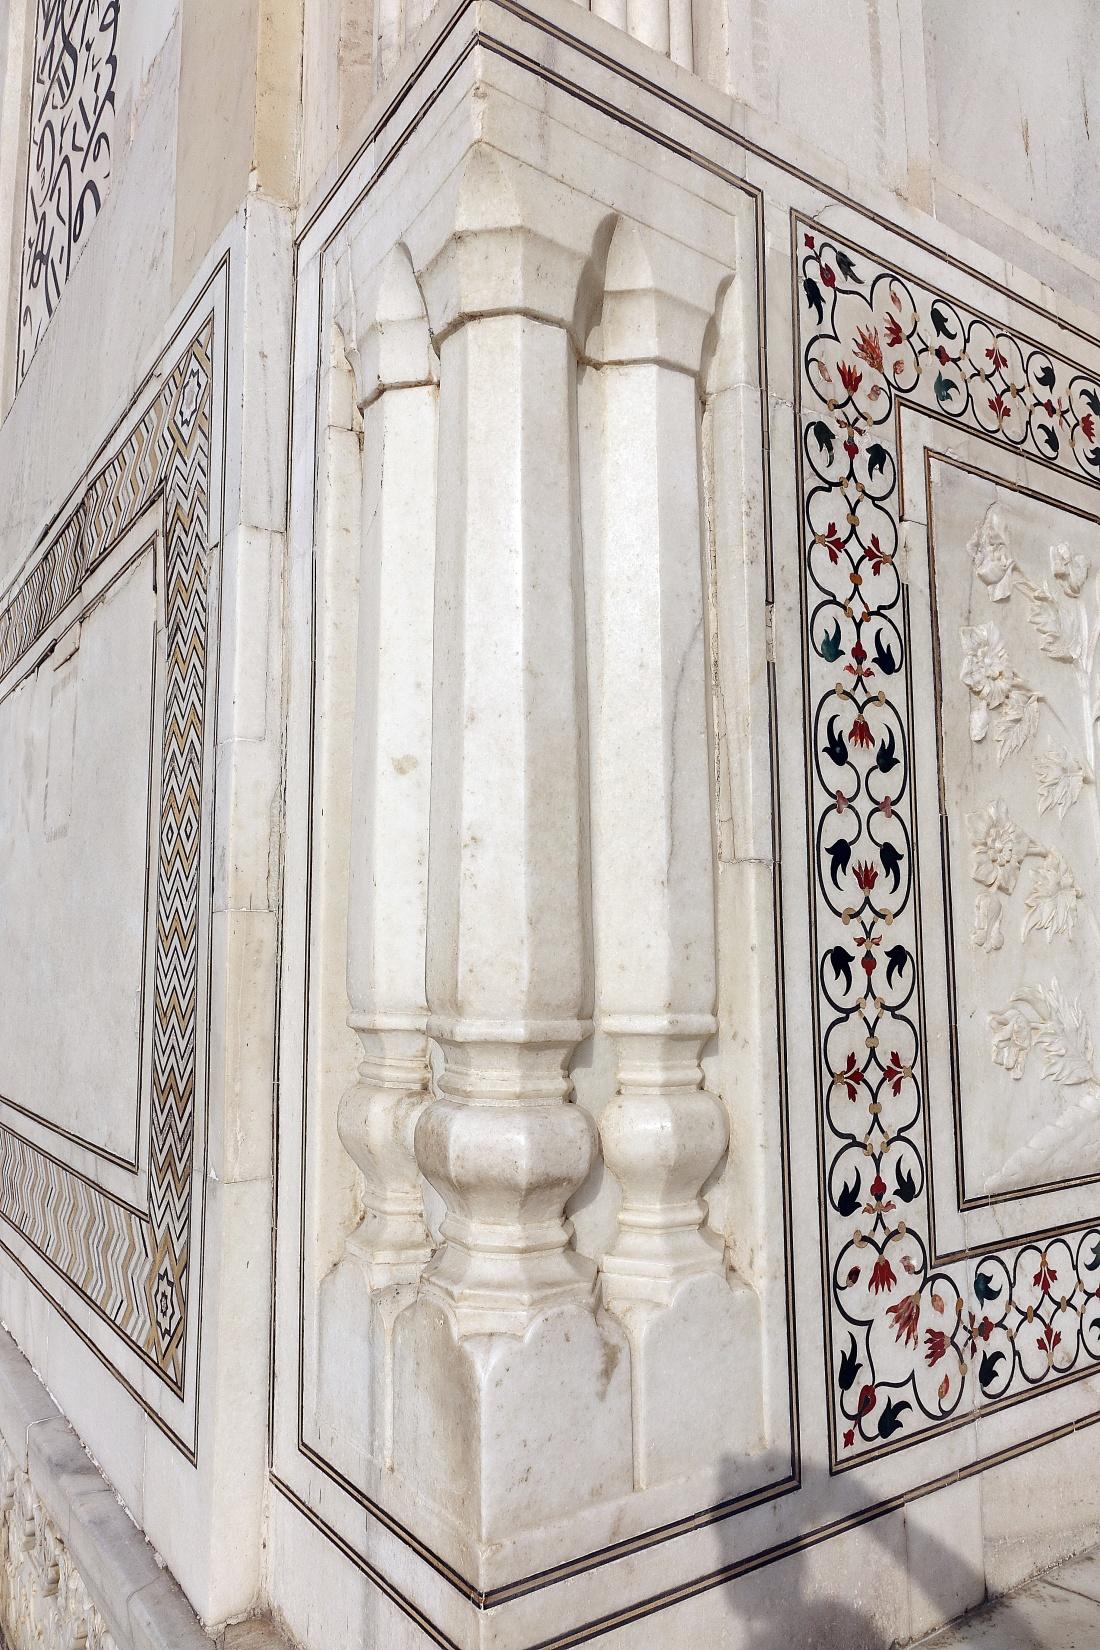 Indien (1017)